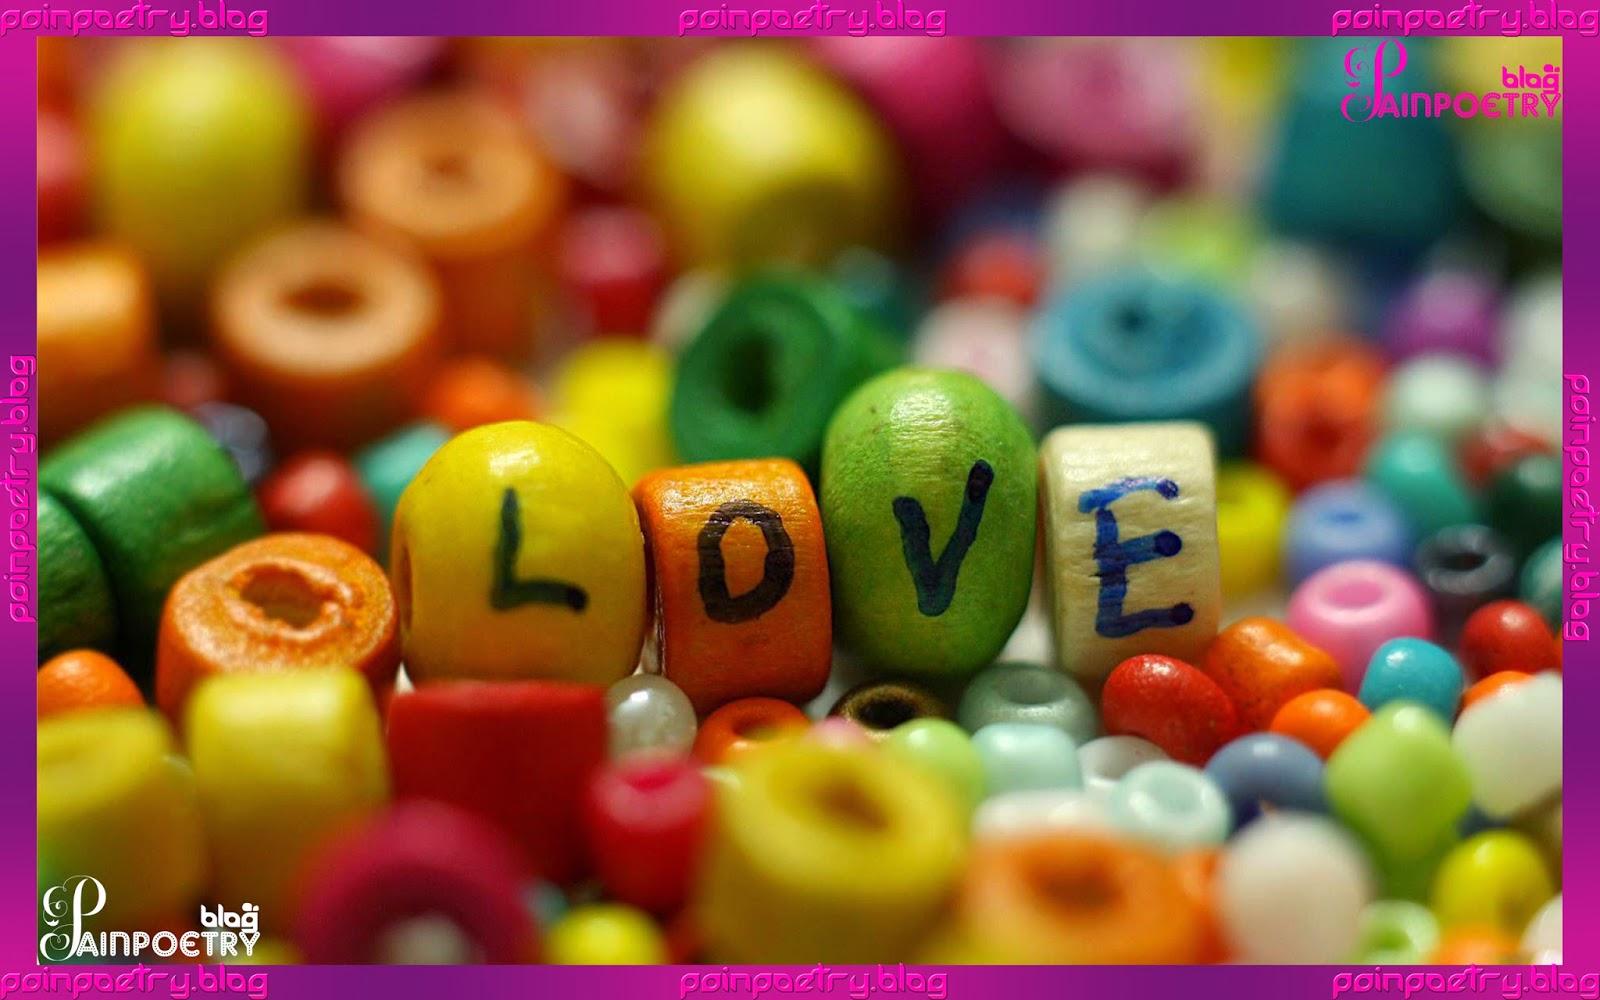 Love-Wallpaper-Love-Write-On-Fruits-HD-Wide